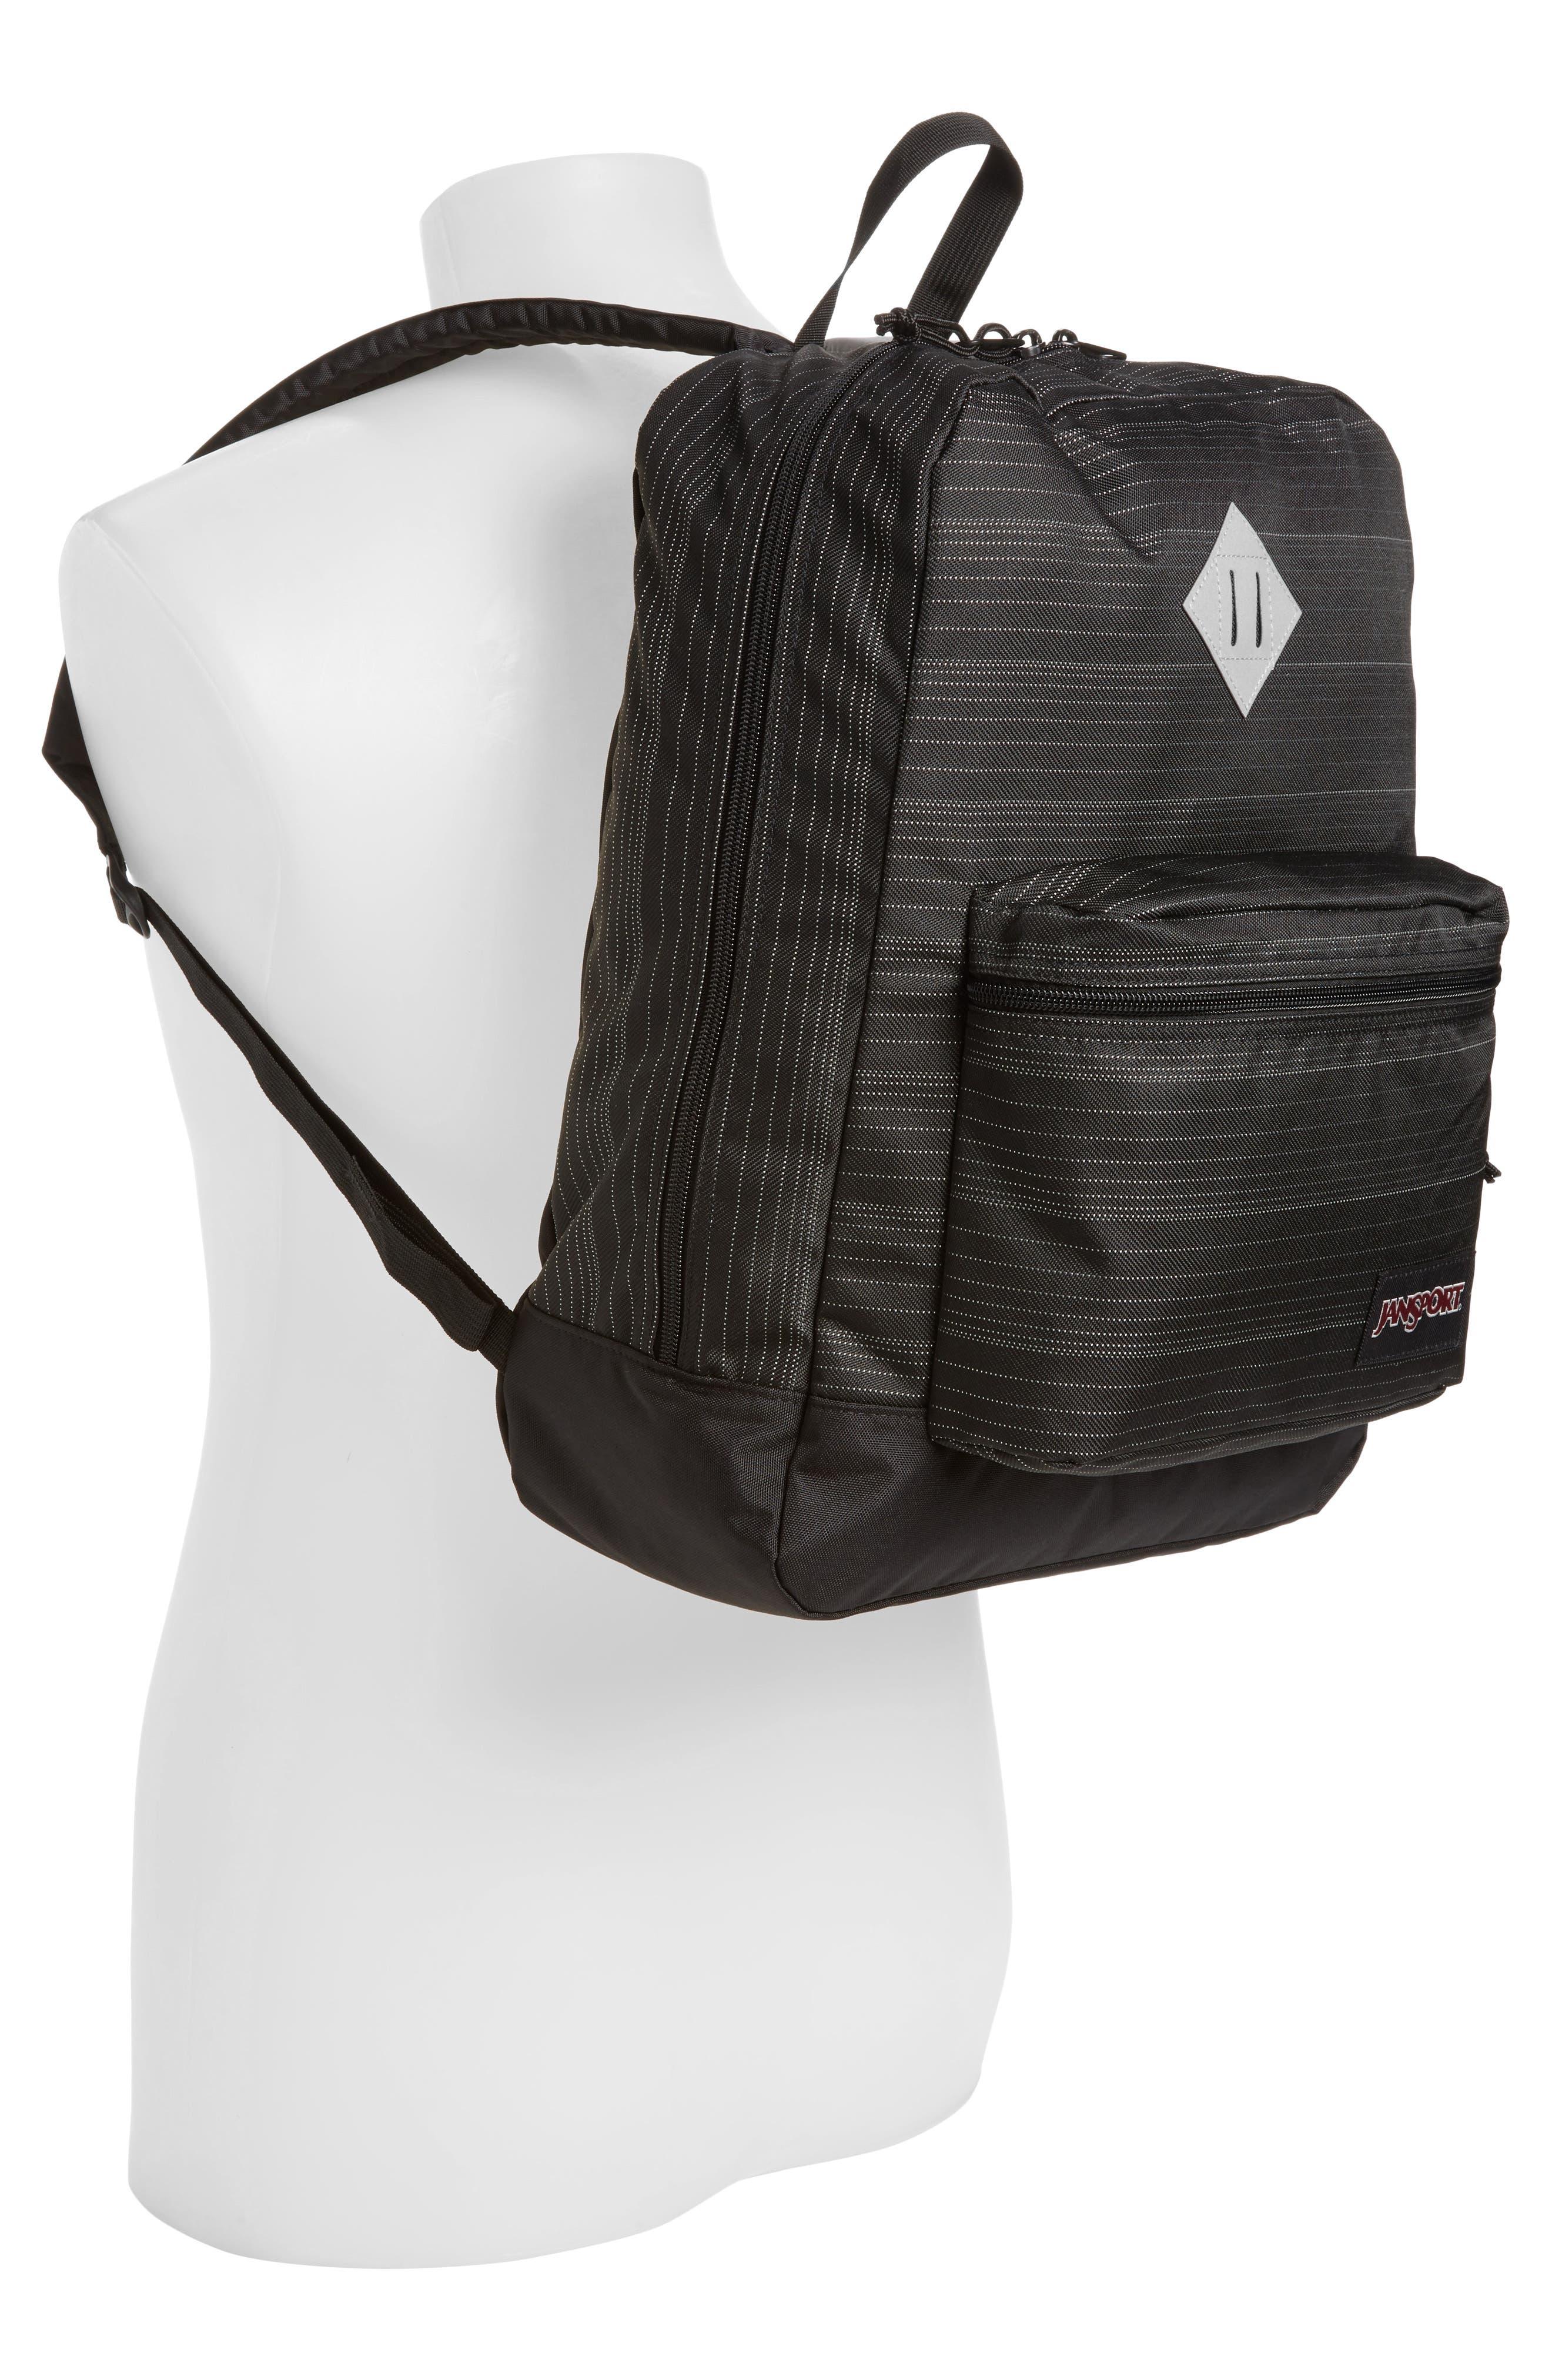 Alternate Image 2  - Jansport Super FX Reflective Backpack